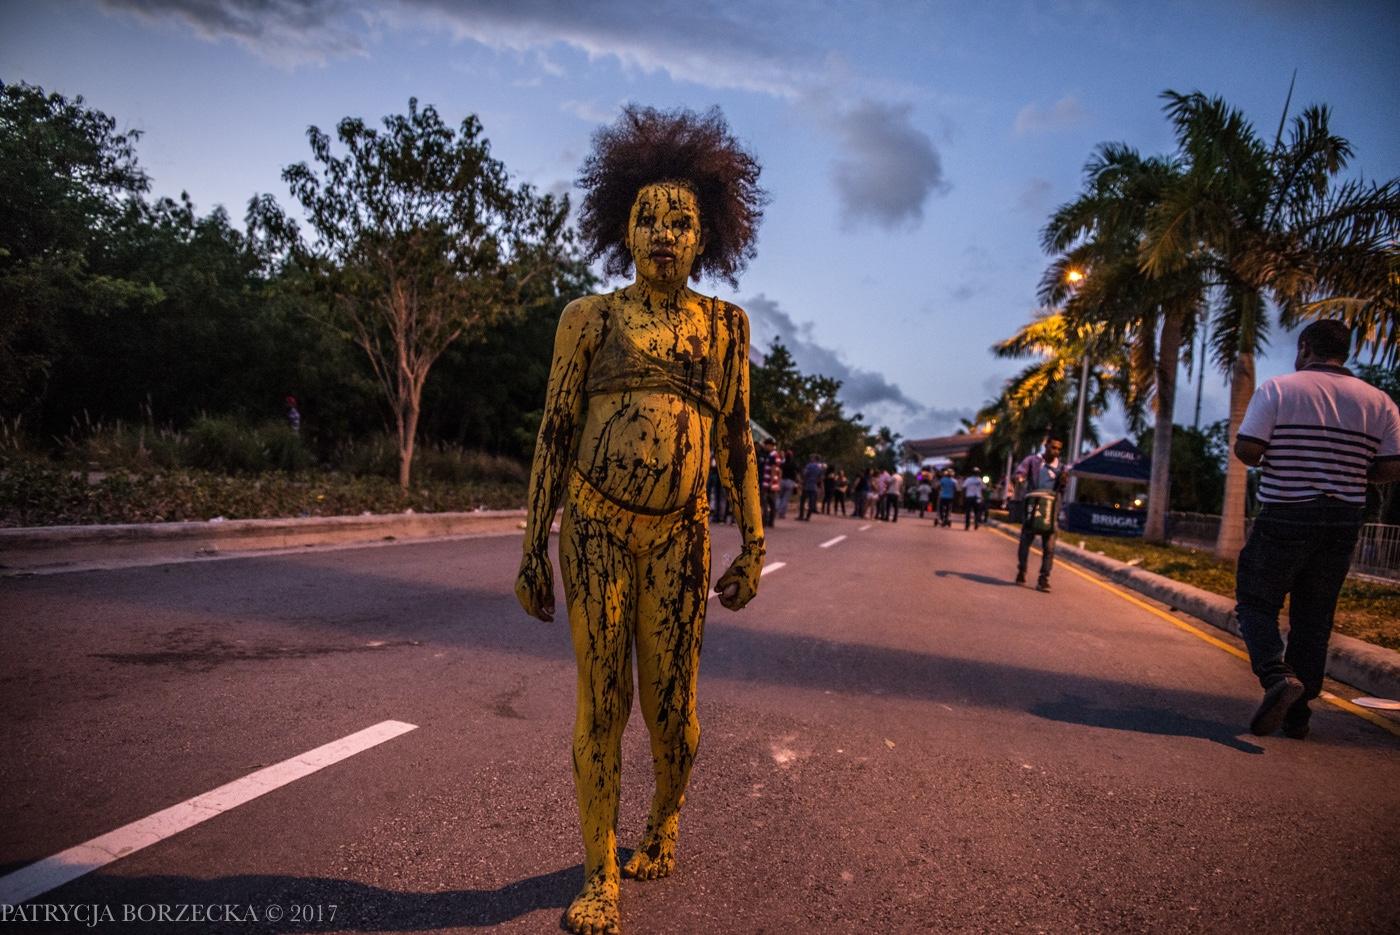 PatrycjaBorzecka-Photo-Carnival-Punta-Cana20